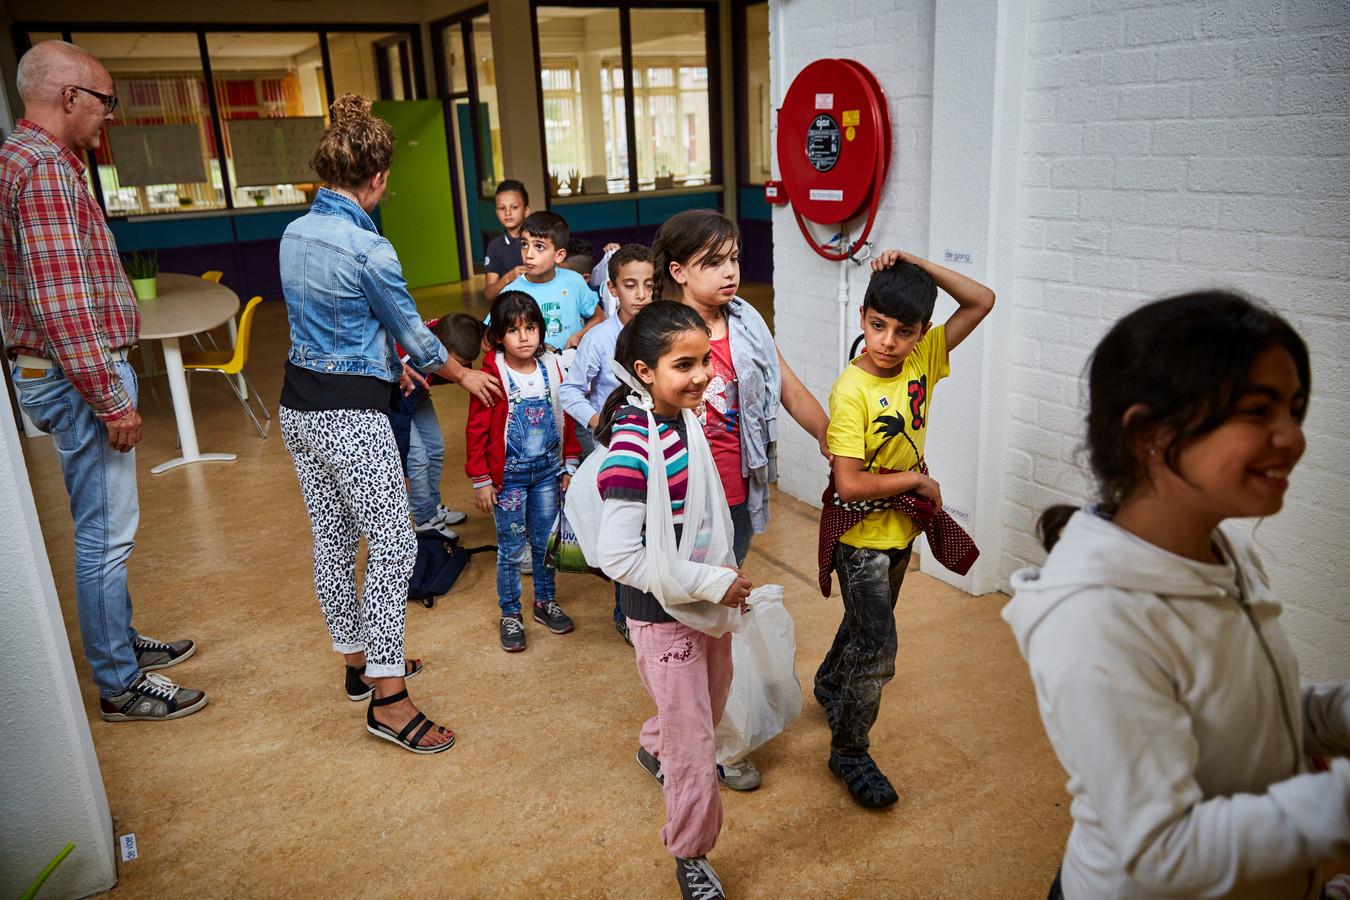 Kinderen op de school van het azc in Beverwaard.